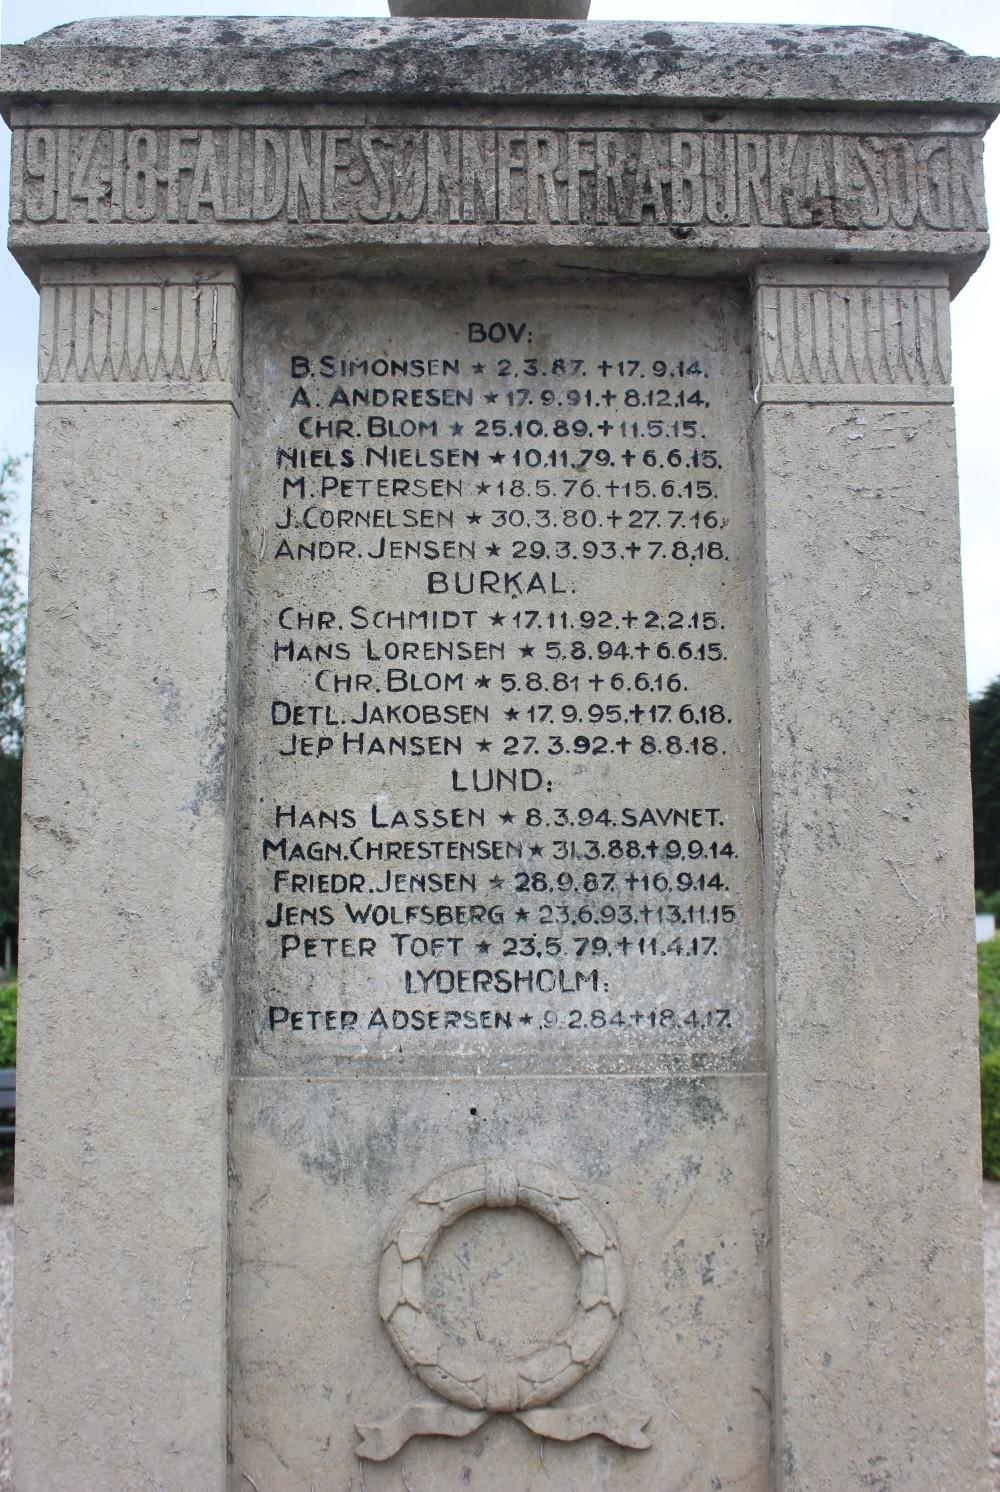 Detalje af mindesten, Burkal Kirkegård